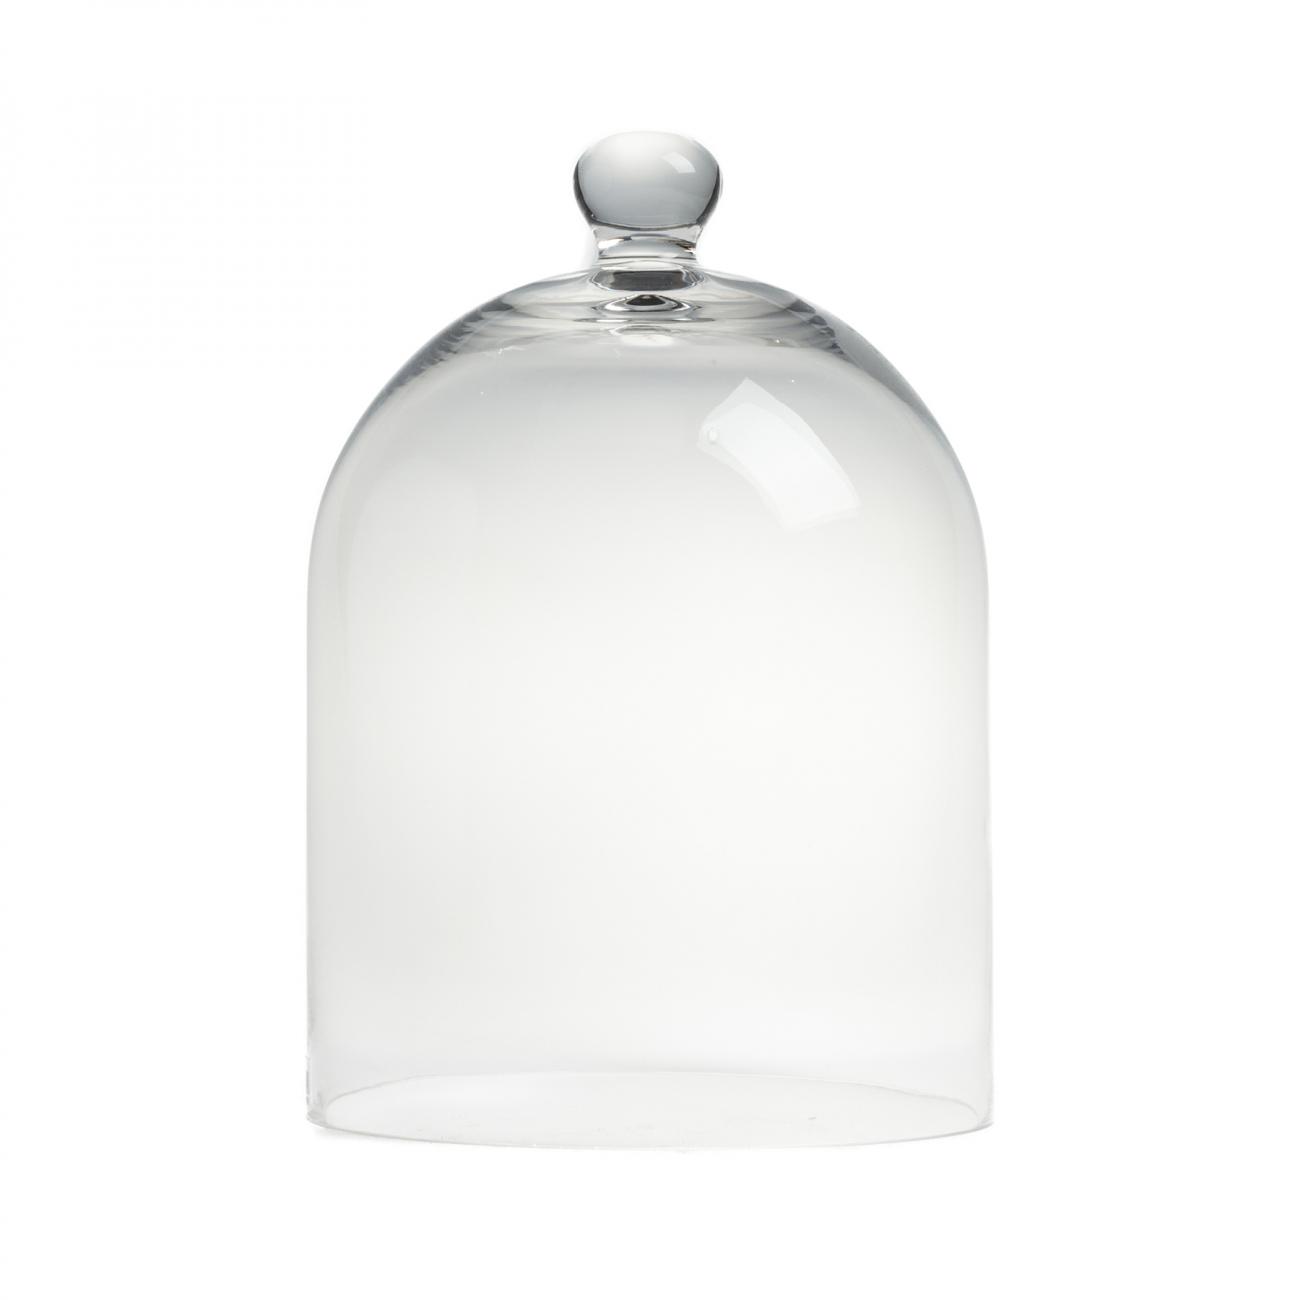 Купить Декоративный купол Oyster Маленький в интернет магазине дизайнерской мебели и аксессуаров для дома и дачи